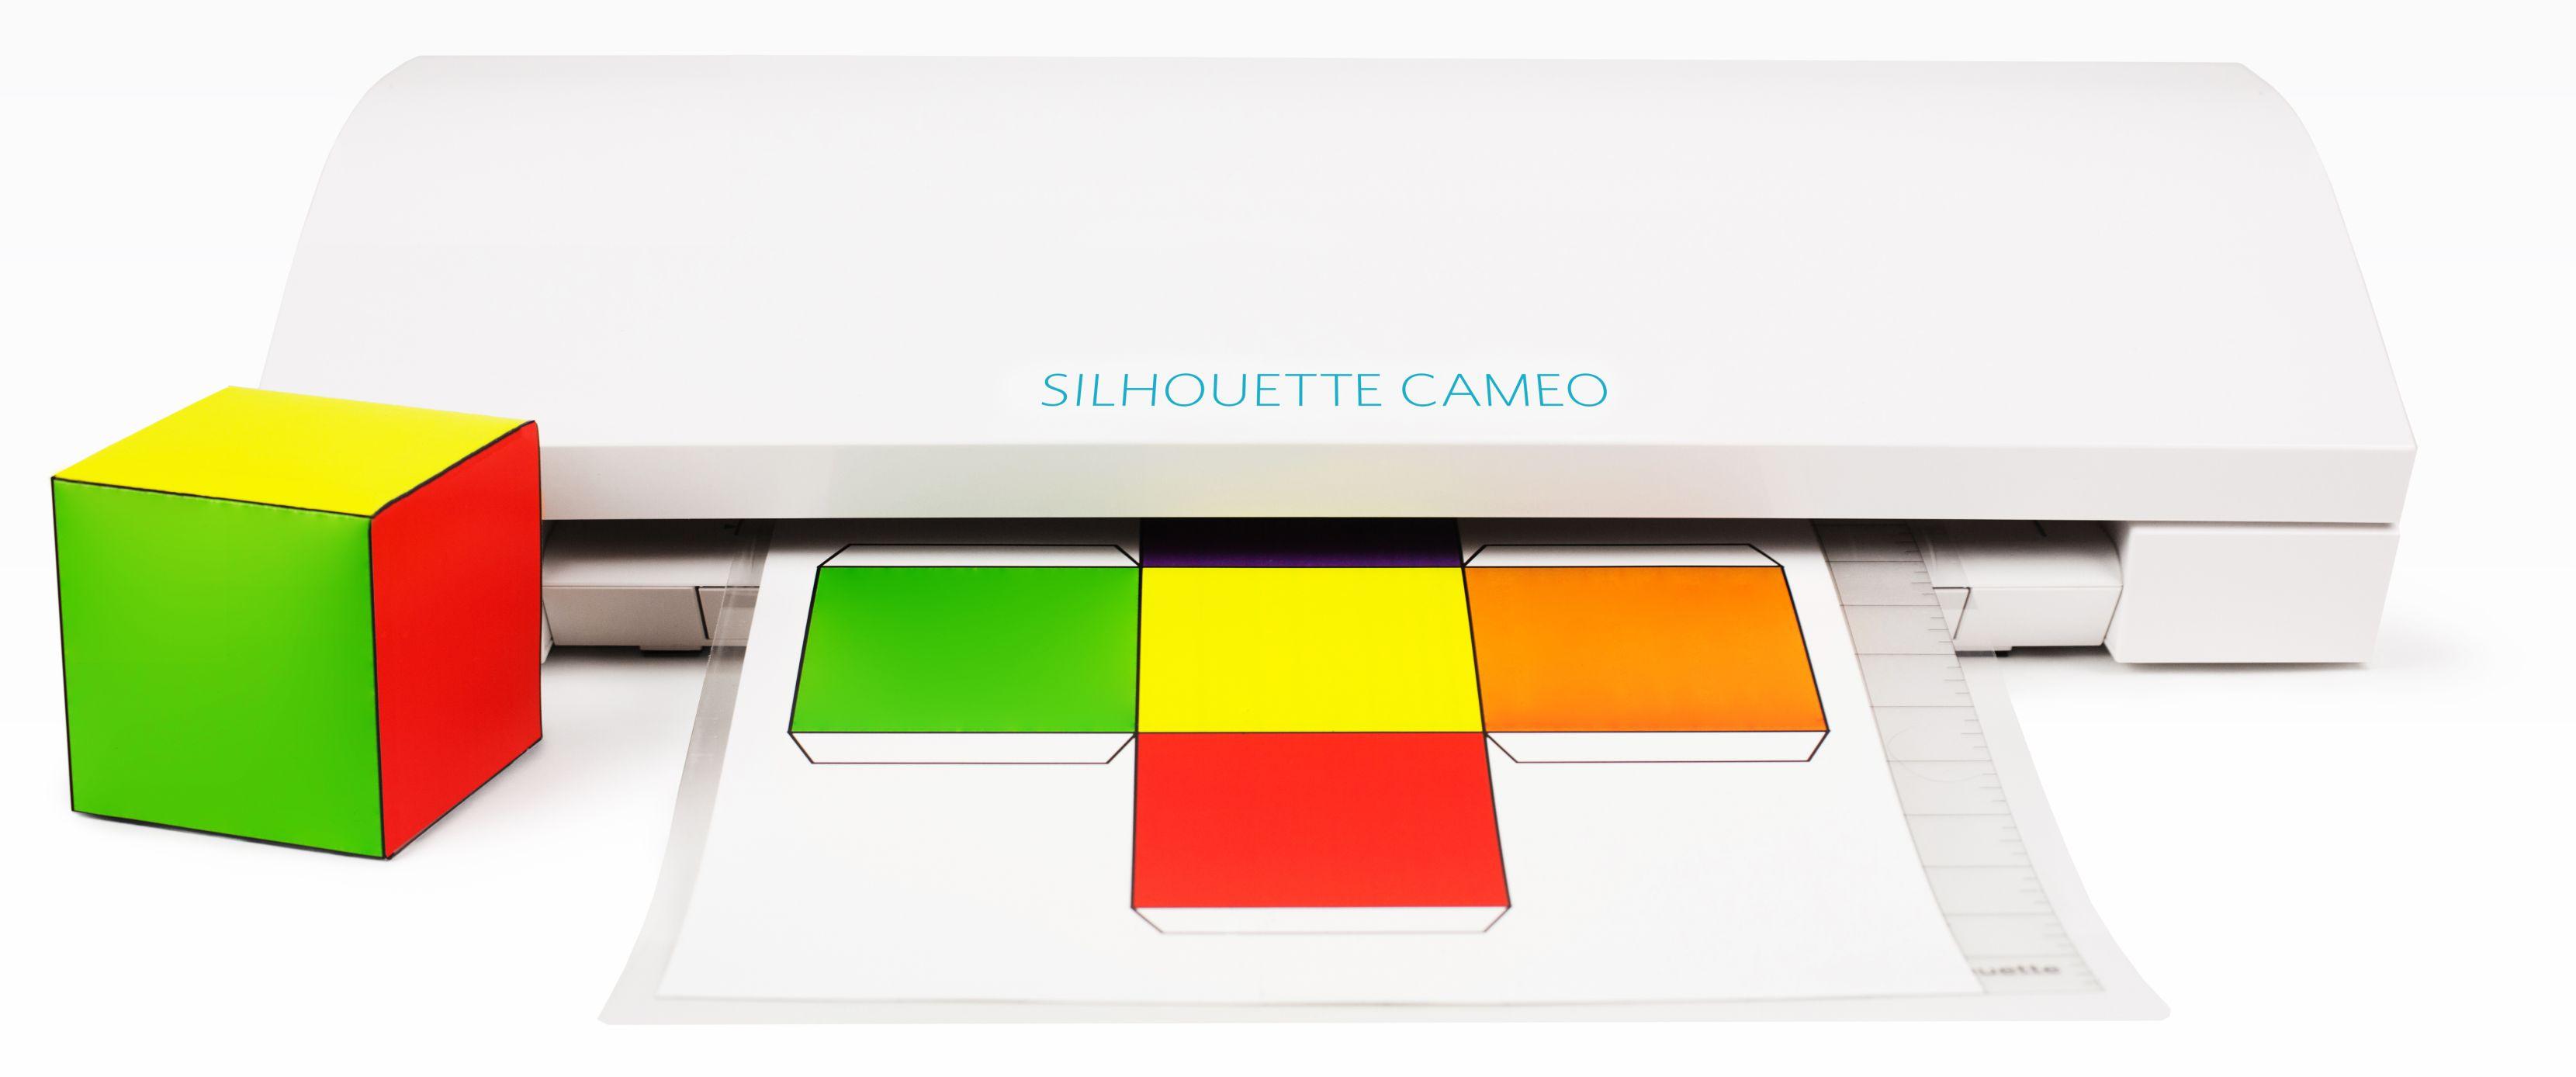 1874_Silhouette Cameo 3 box.jpg